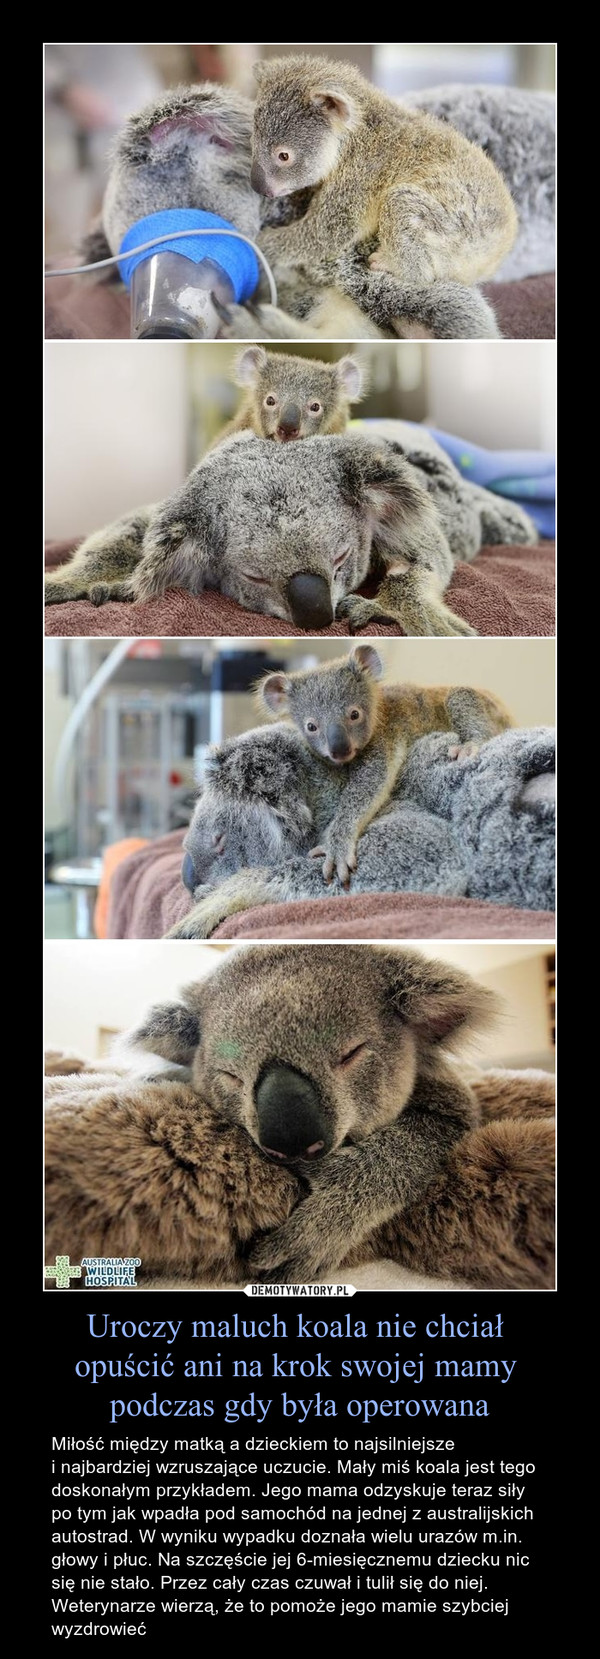 Uroczy maluch koala nie chciał opuścić ani na krok swojej mamy podczas gdy była operowana – Miłość między matką a dzieckiem to najsilniejszei najbardziej wzruszające uczucie. Mały miś koala jest tego doskonałym przykładem. Jego mama odzyskuje teraz siły po tym jak wpadła pod samochód na jednej z australijskich autostrad. W wyniku wypadku doznała wielu urazów m.in. głowy i płuc. Na szczęście jej 6-miesięcznemu dziecku nic się nie stało. Przez cały czas czuwał i tulił się do niej. Weterynarze wierzą, że to pomoże jego mamie szybciej wyzdrowieć